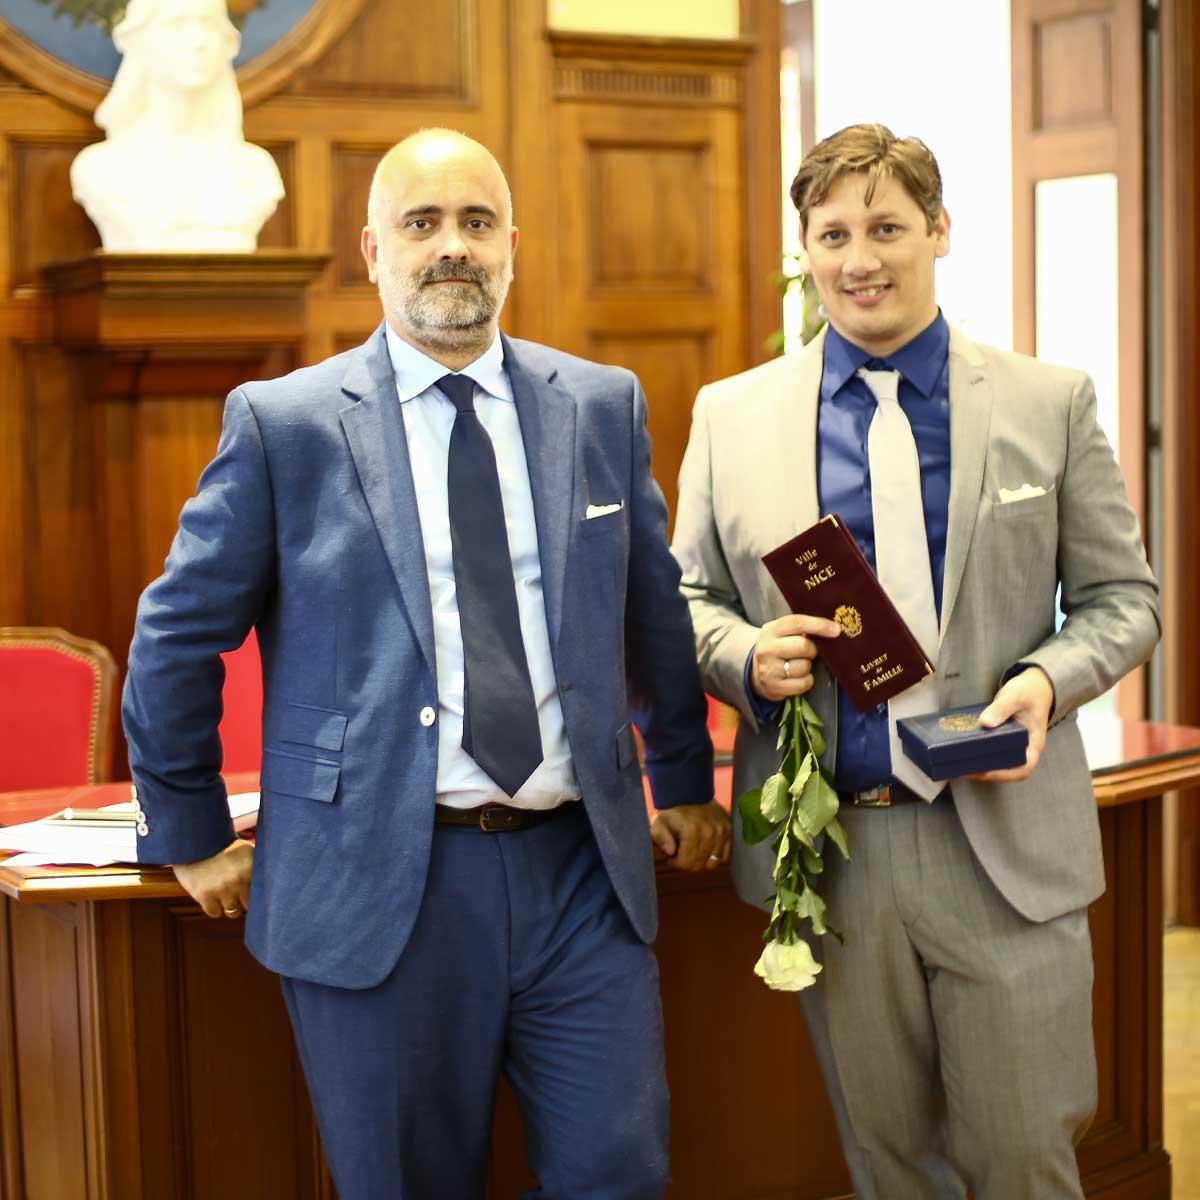 Tony et Nico couple gay 4 mariage pour 1 lune de miel